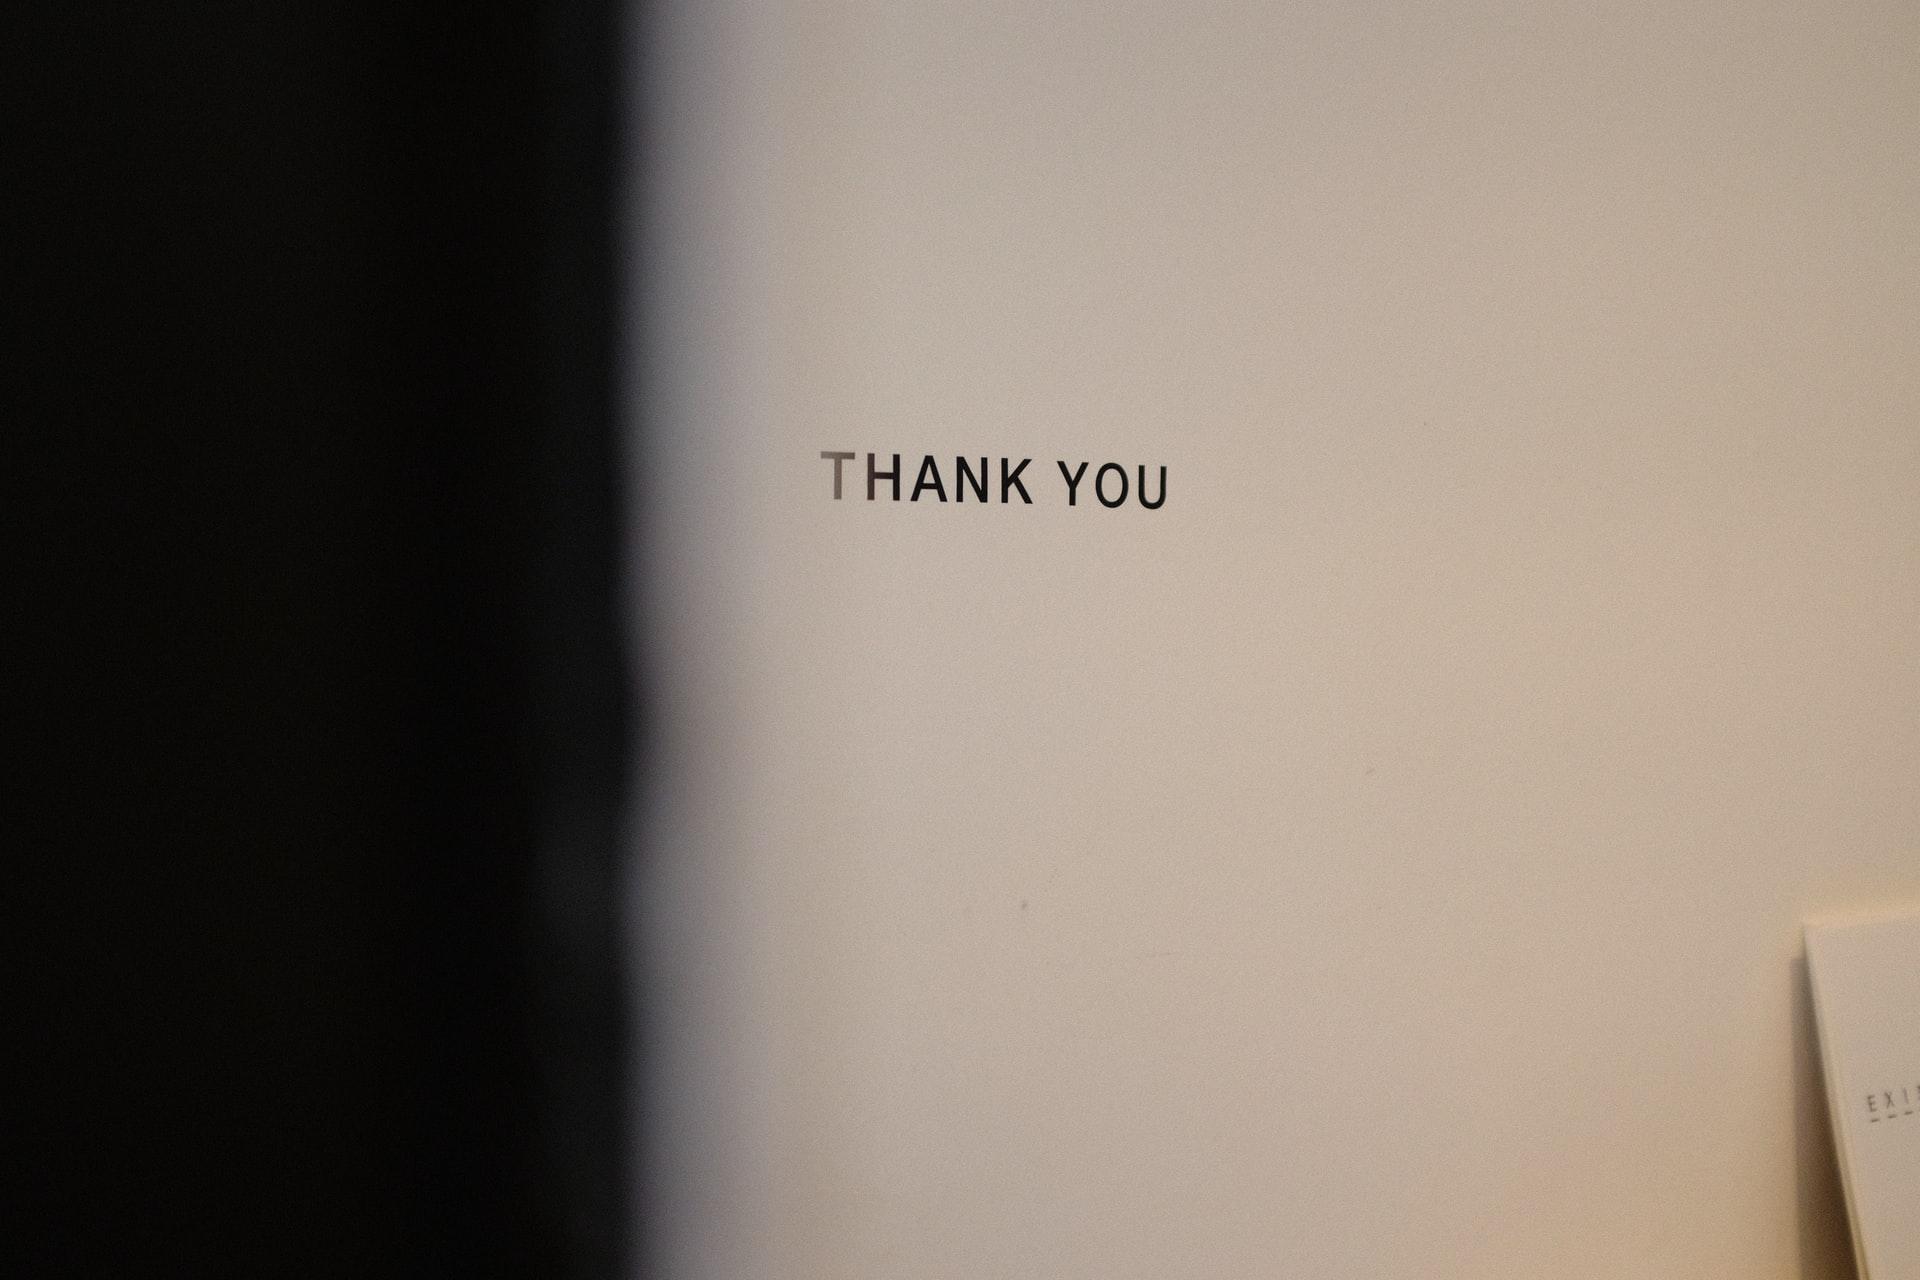 Gratitude & Good News: Matthew 4:23